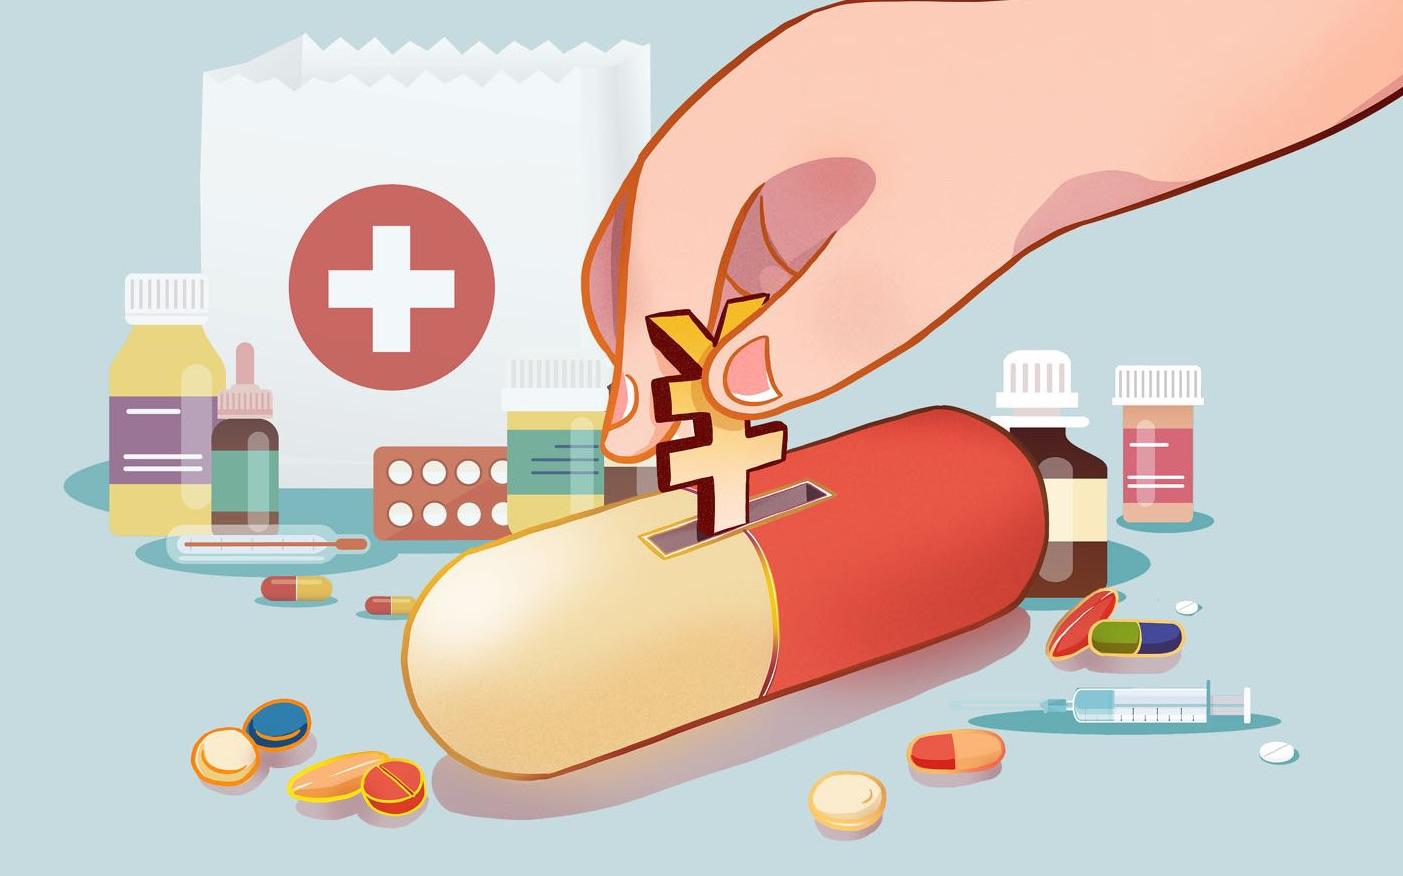 国庆长假中老年人消吃力爆棚 体检、医美人群增加近两倍